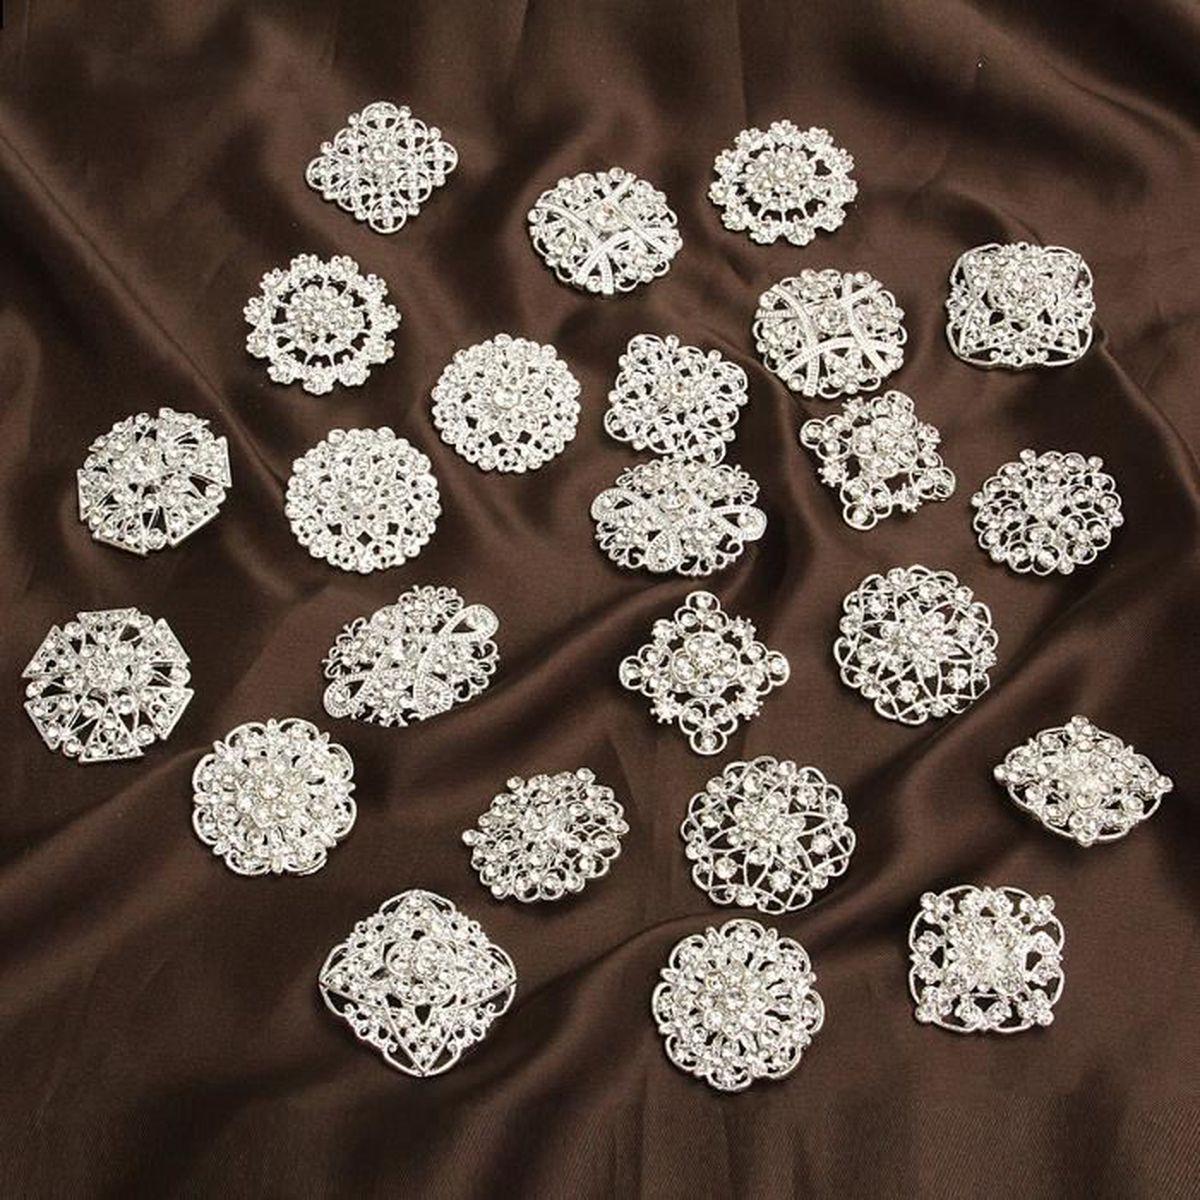 324a6f9597d 24pcs DIY Pins Broche Bijoux Cristal Mariage Strass Epingle Bouquet 3~4cm